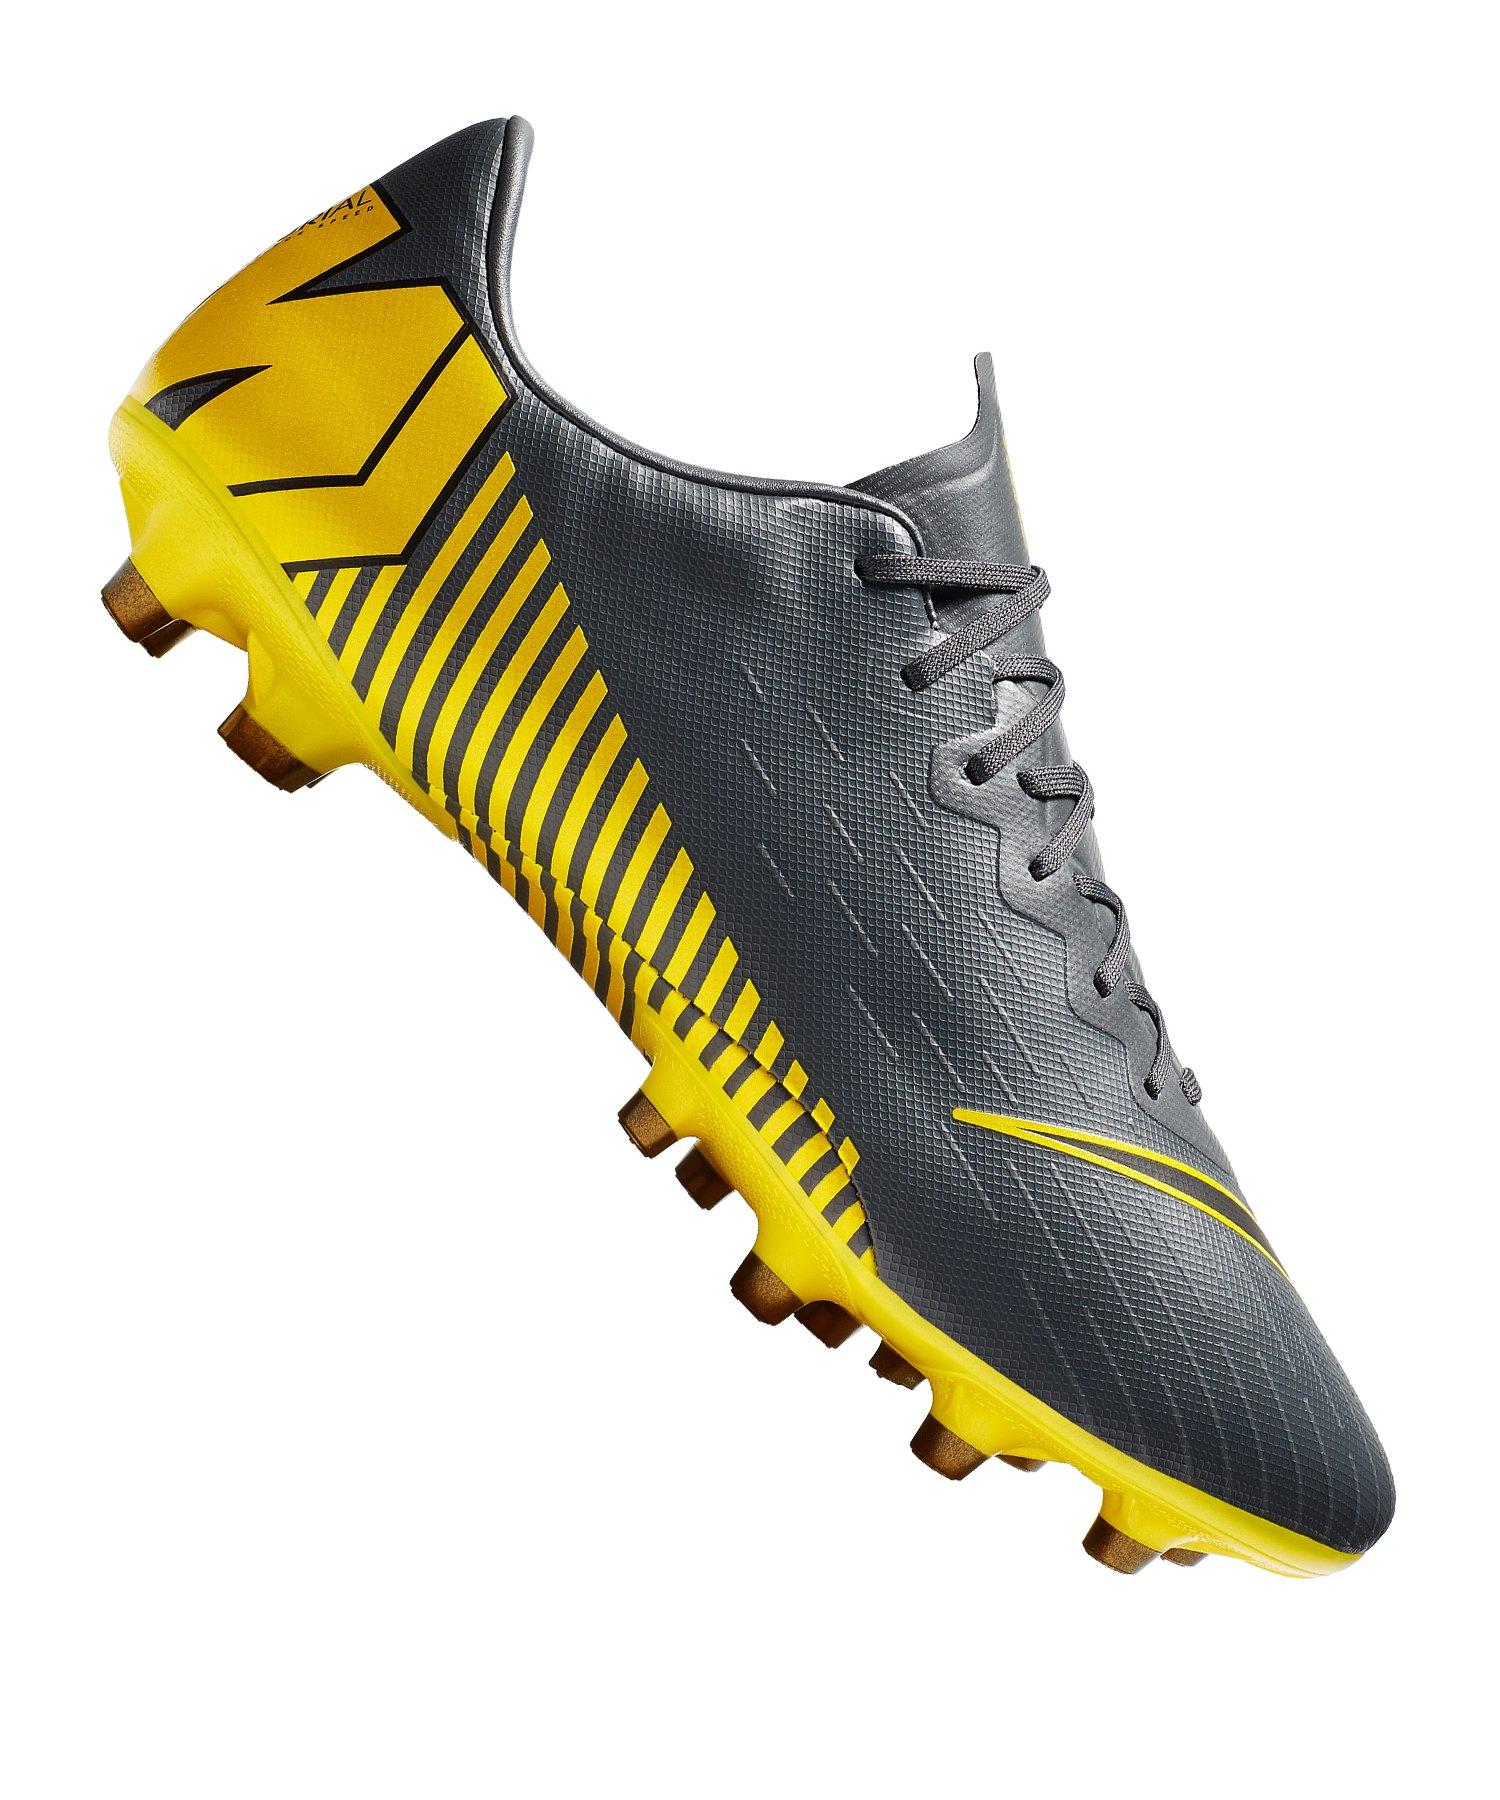 Nike Mercurial Vapor XII Pro AG-Pro Grau F070 - grau